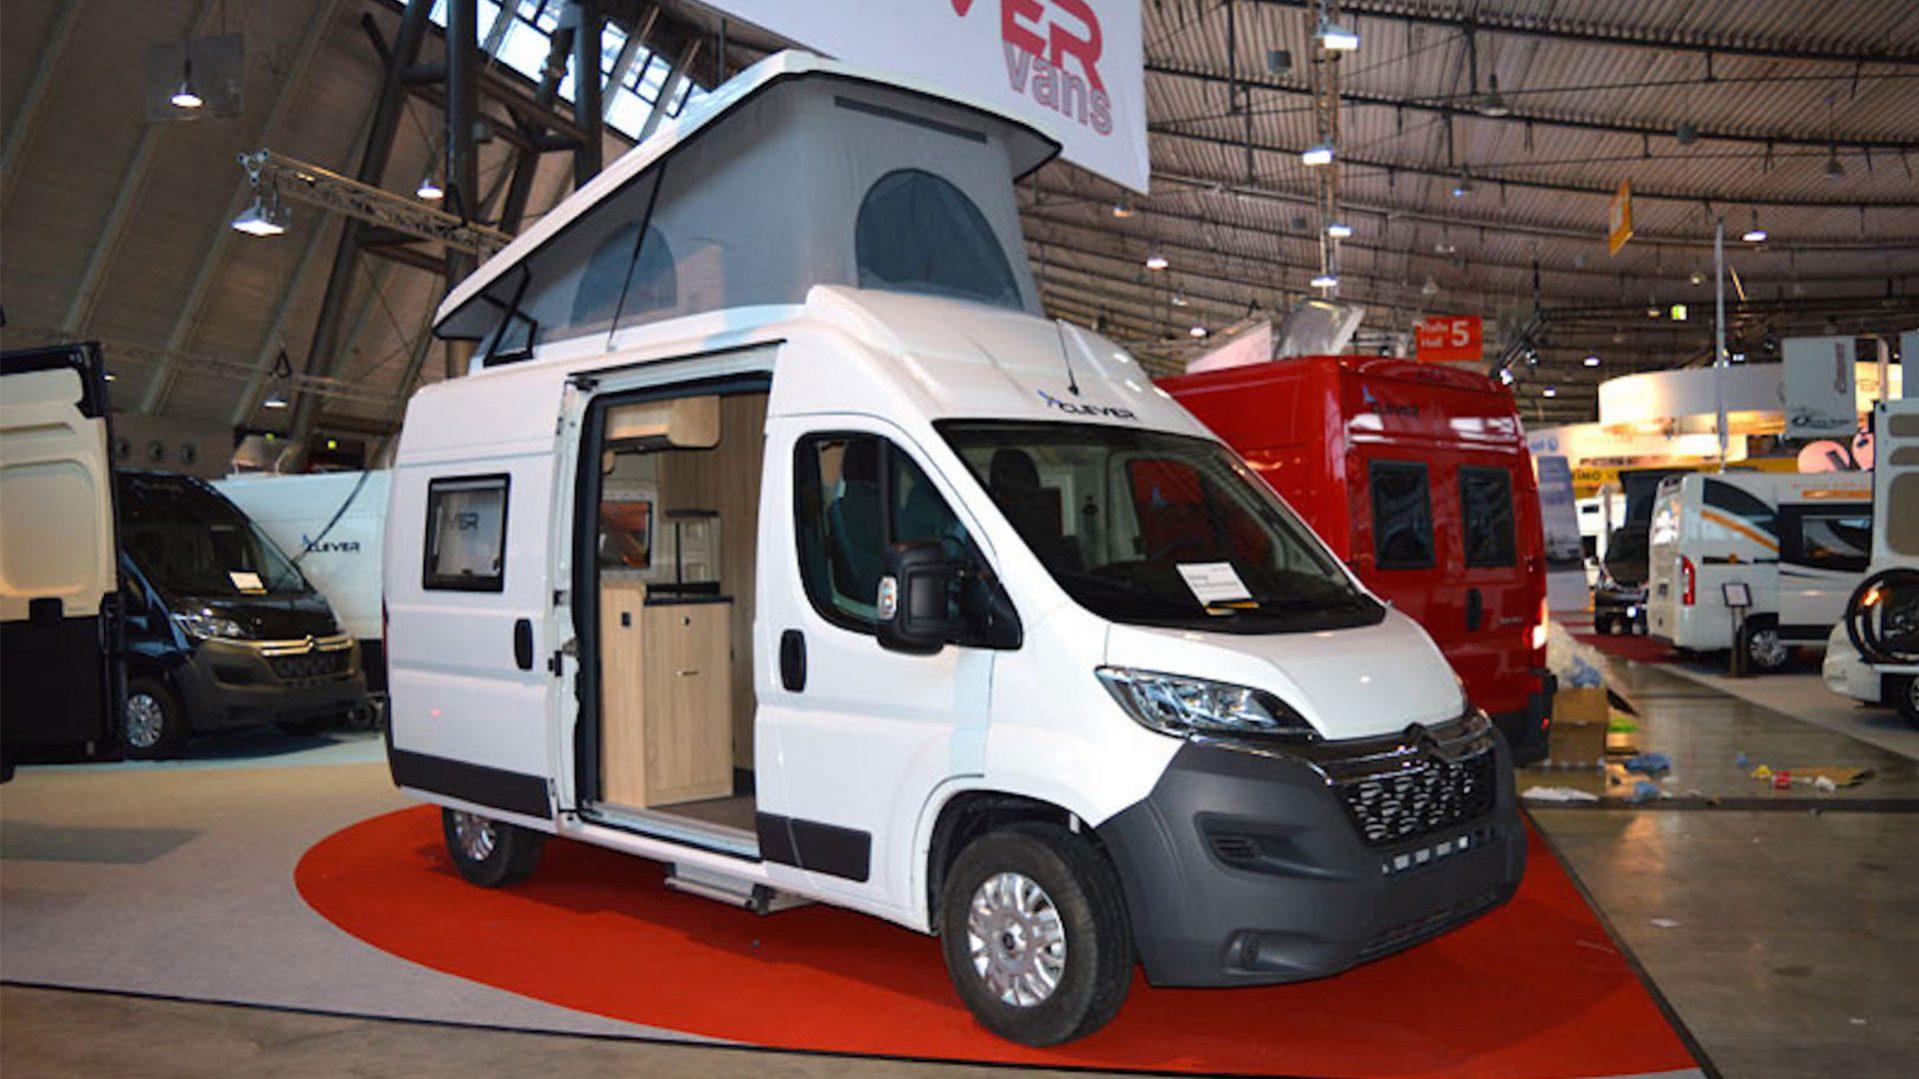 flexible envidia compromiso  Clever Vans Tour - KaravanTravel.cz